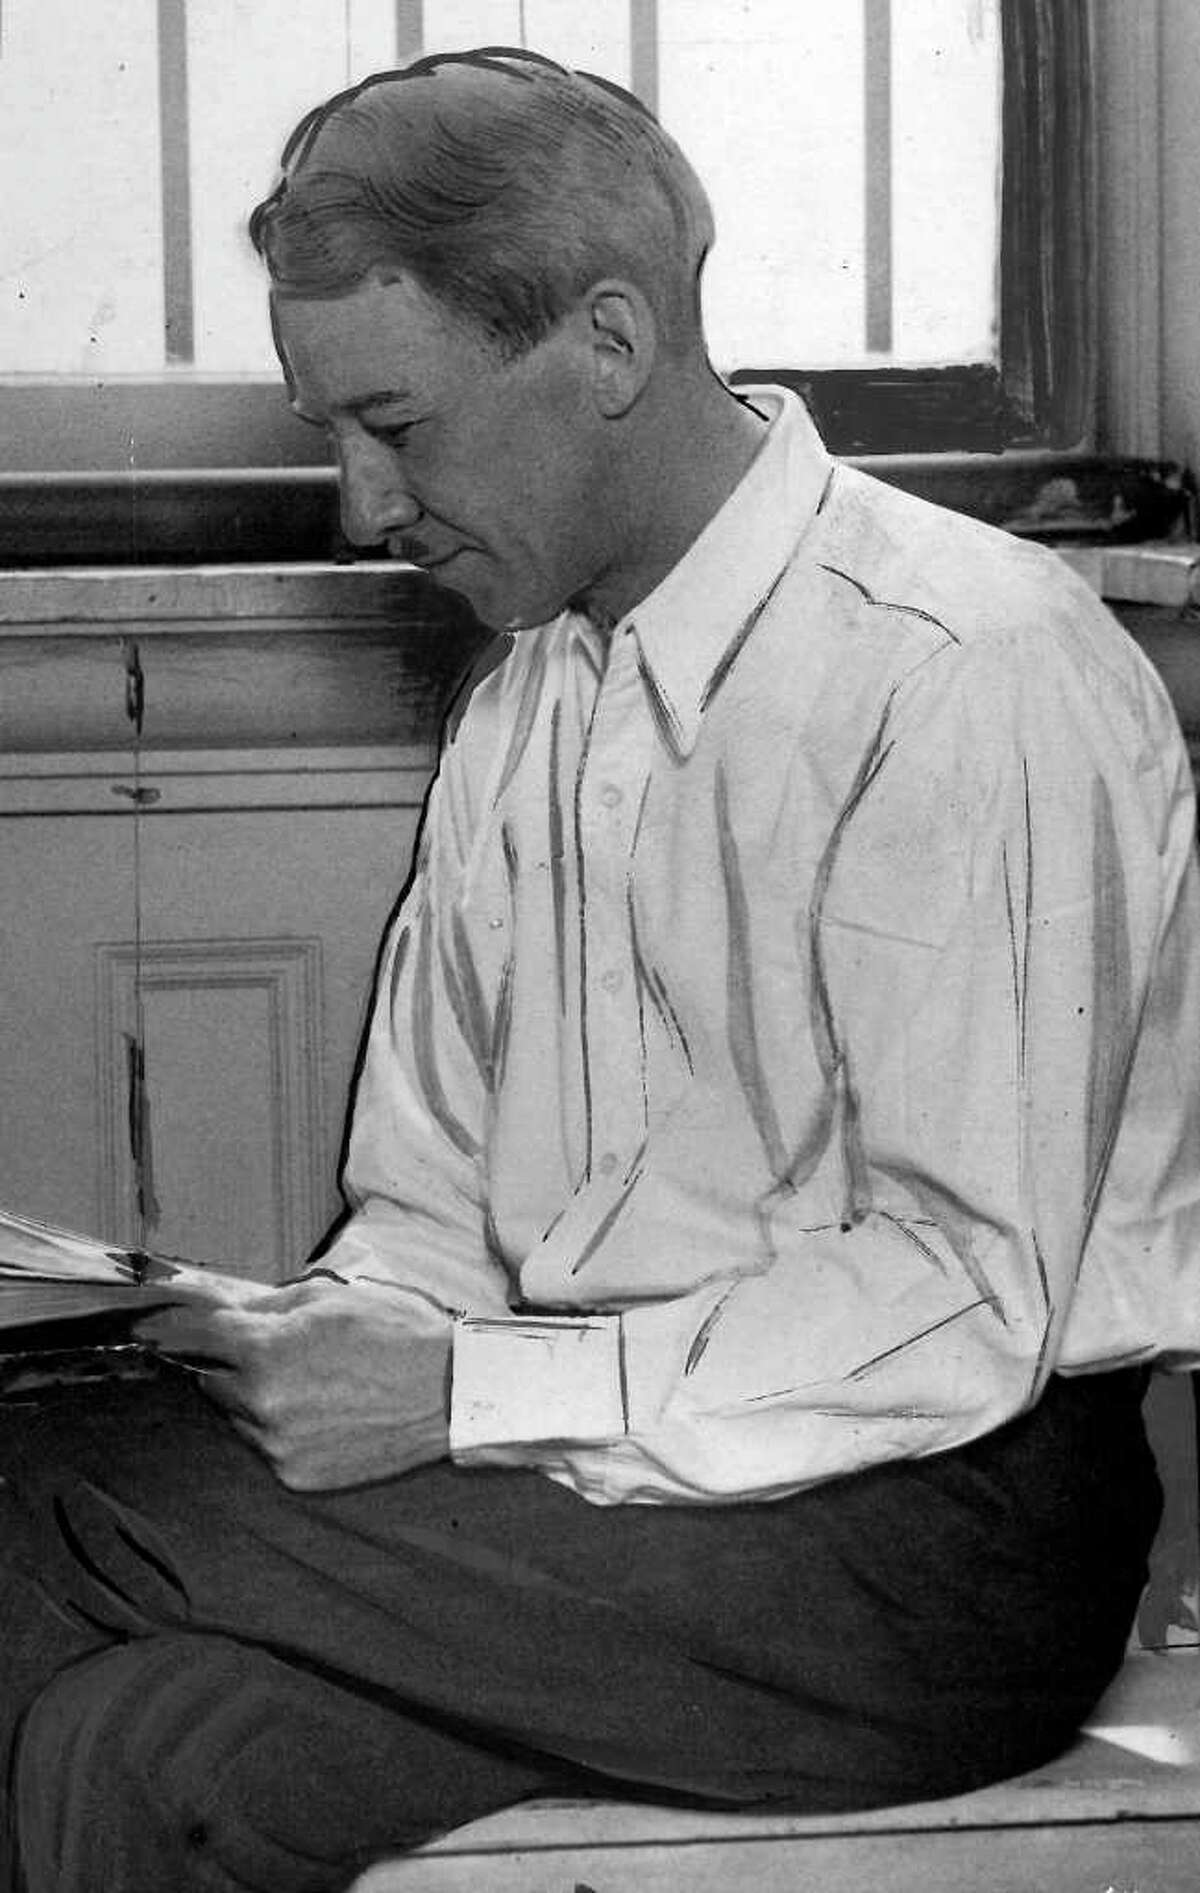 Bob Gaines in Walla Walla State Penitentiary, 1928.